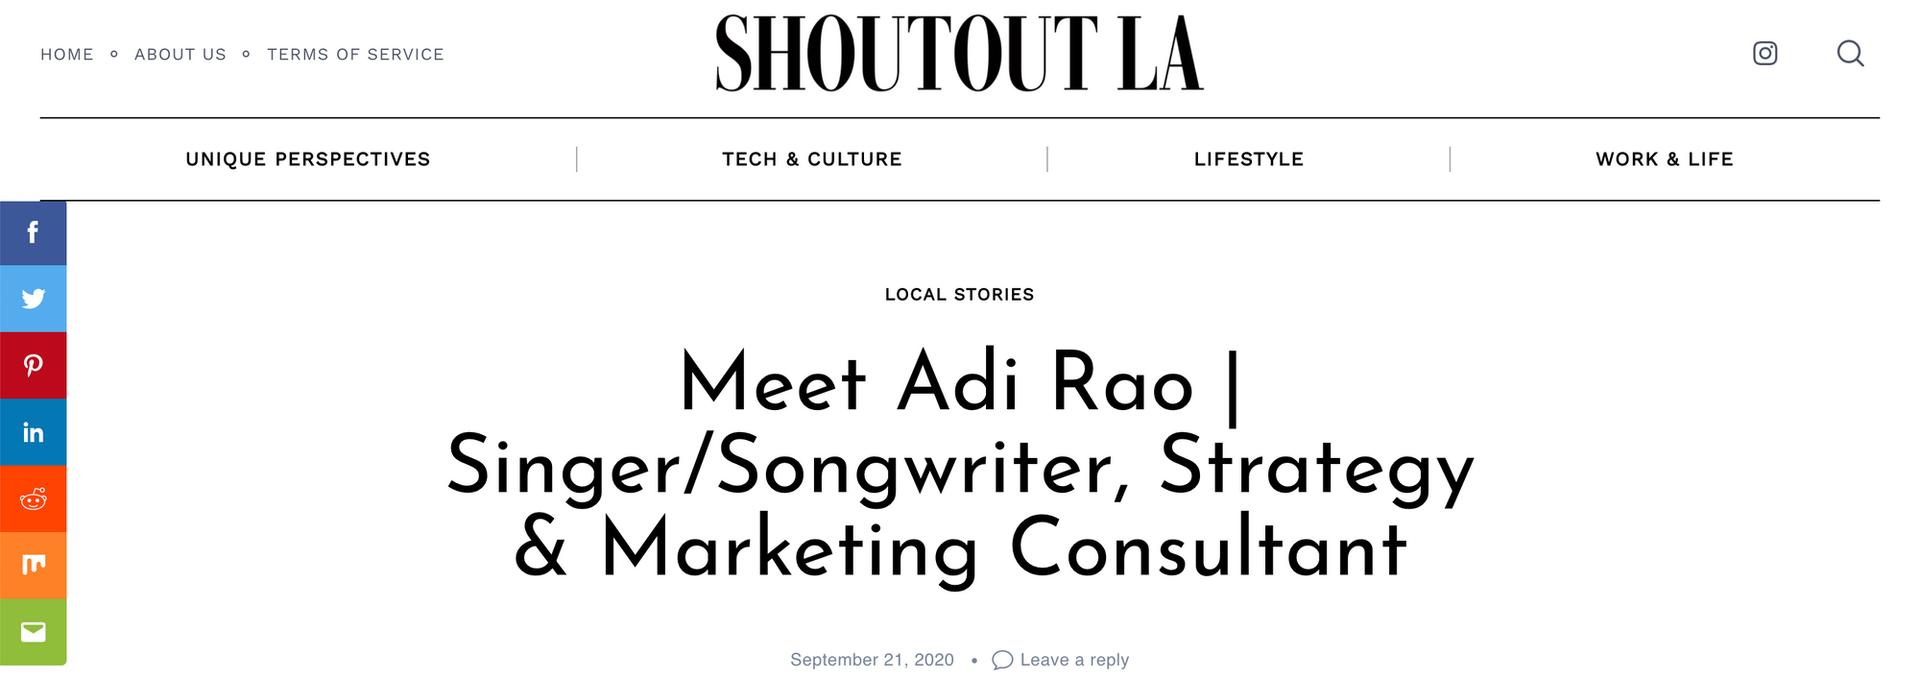 ShoutoutLA Article